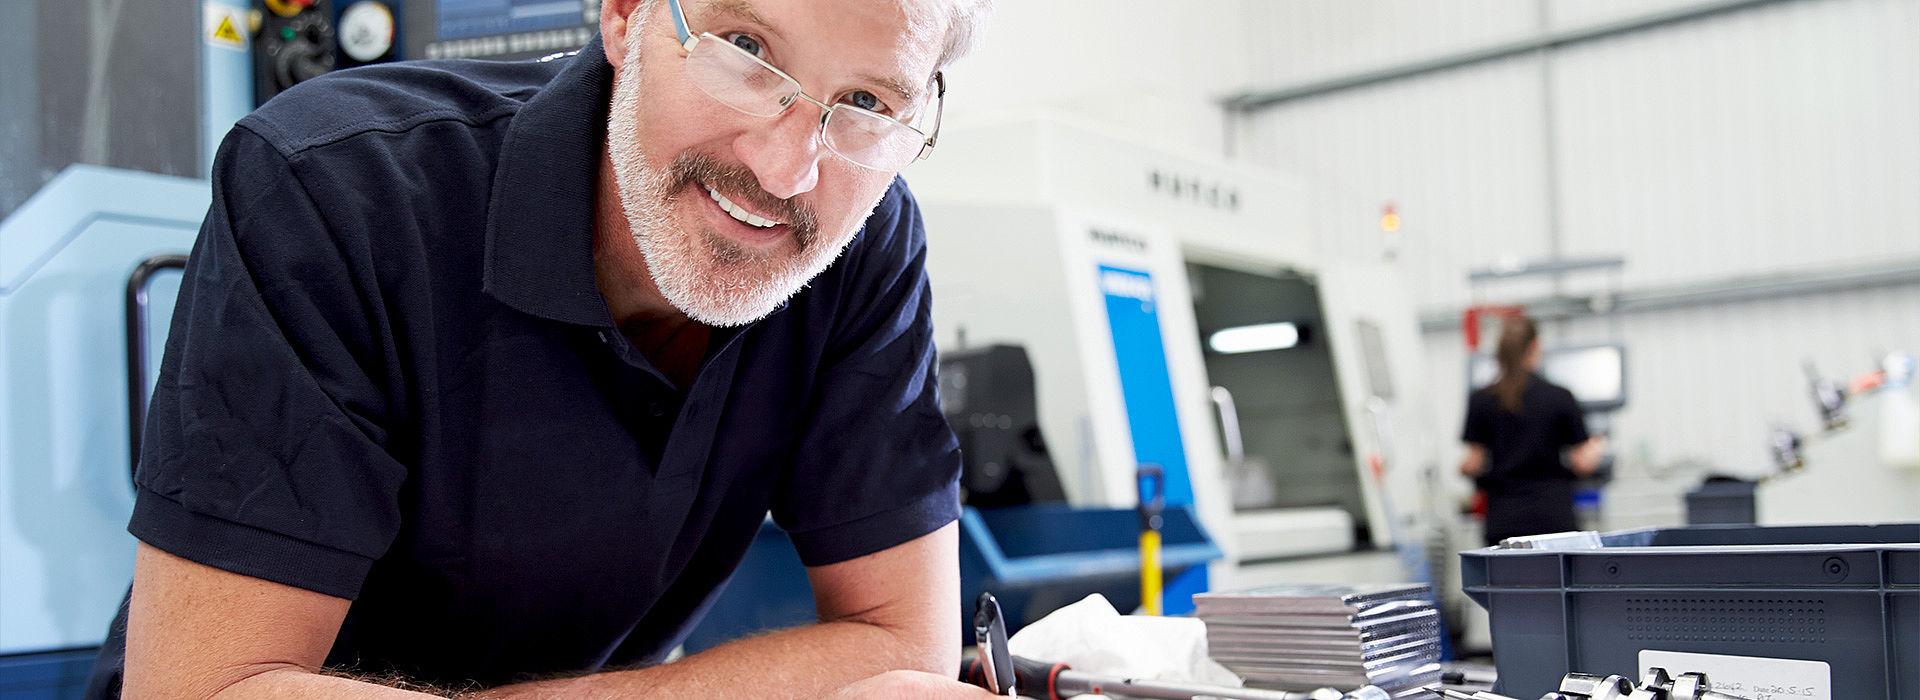 Bild: Mann vor CNC-Maschine